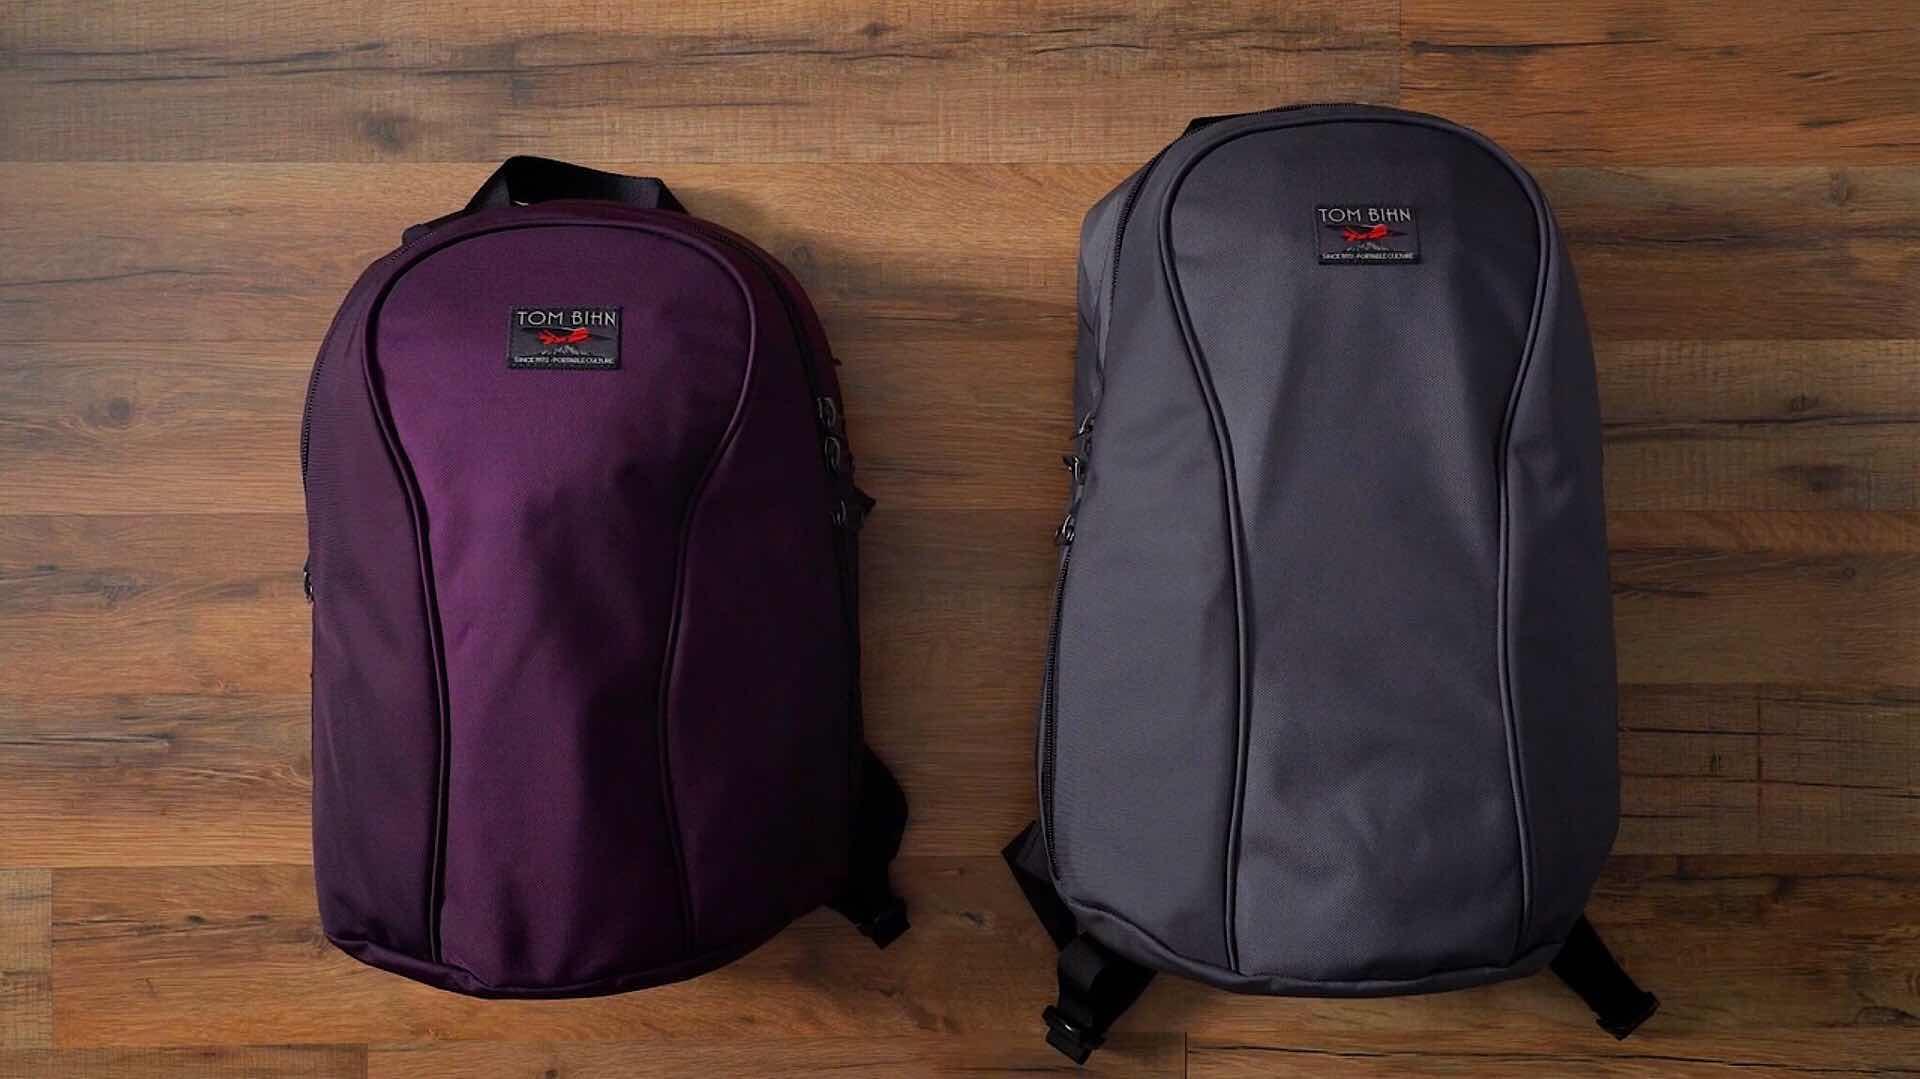 tom-bihn-luminary-12-and-luminary-15-backpacks